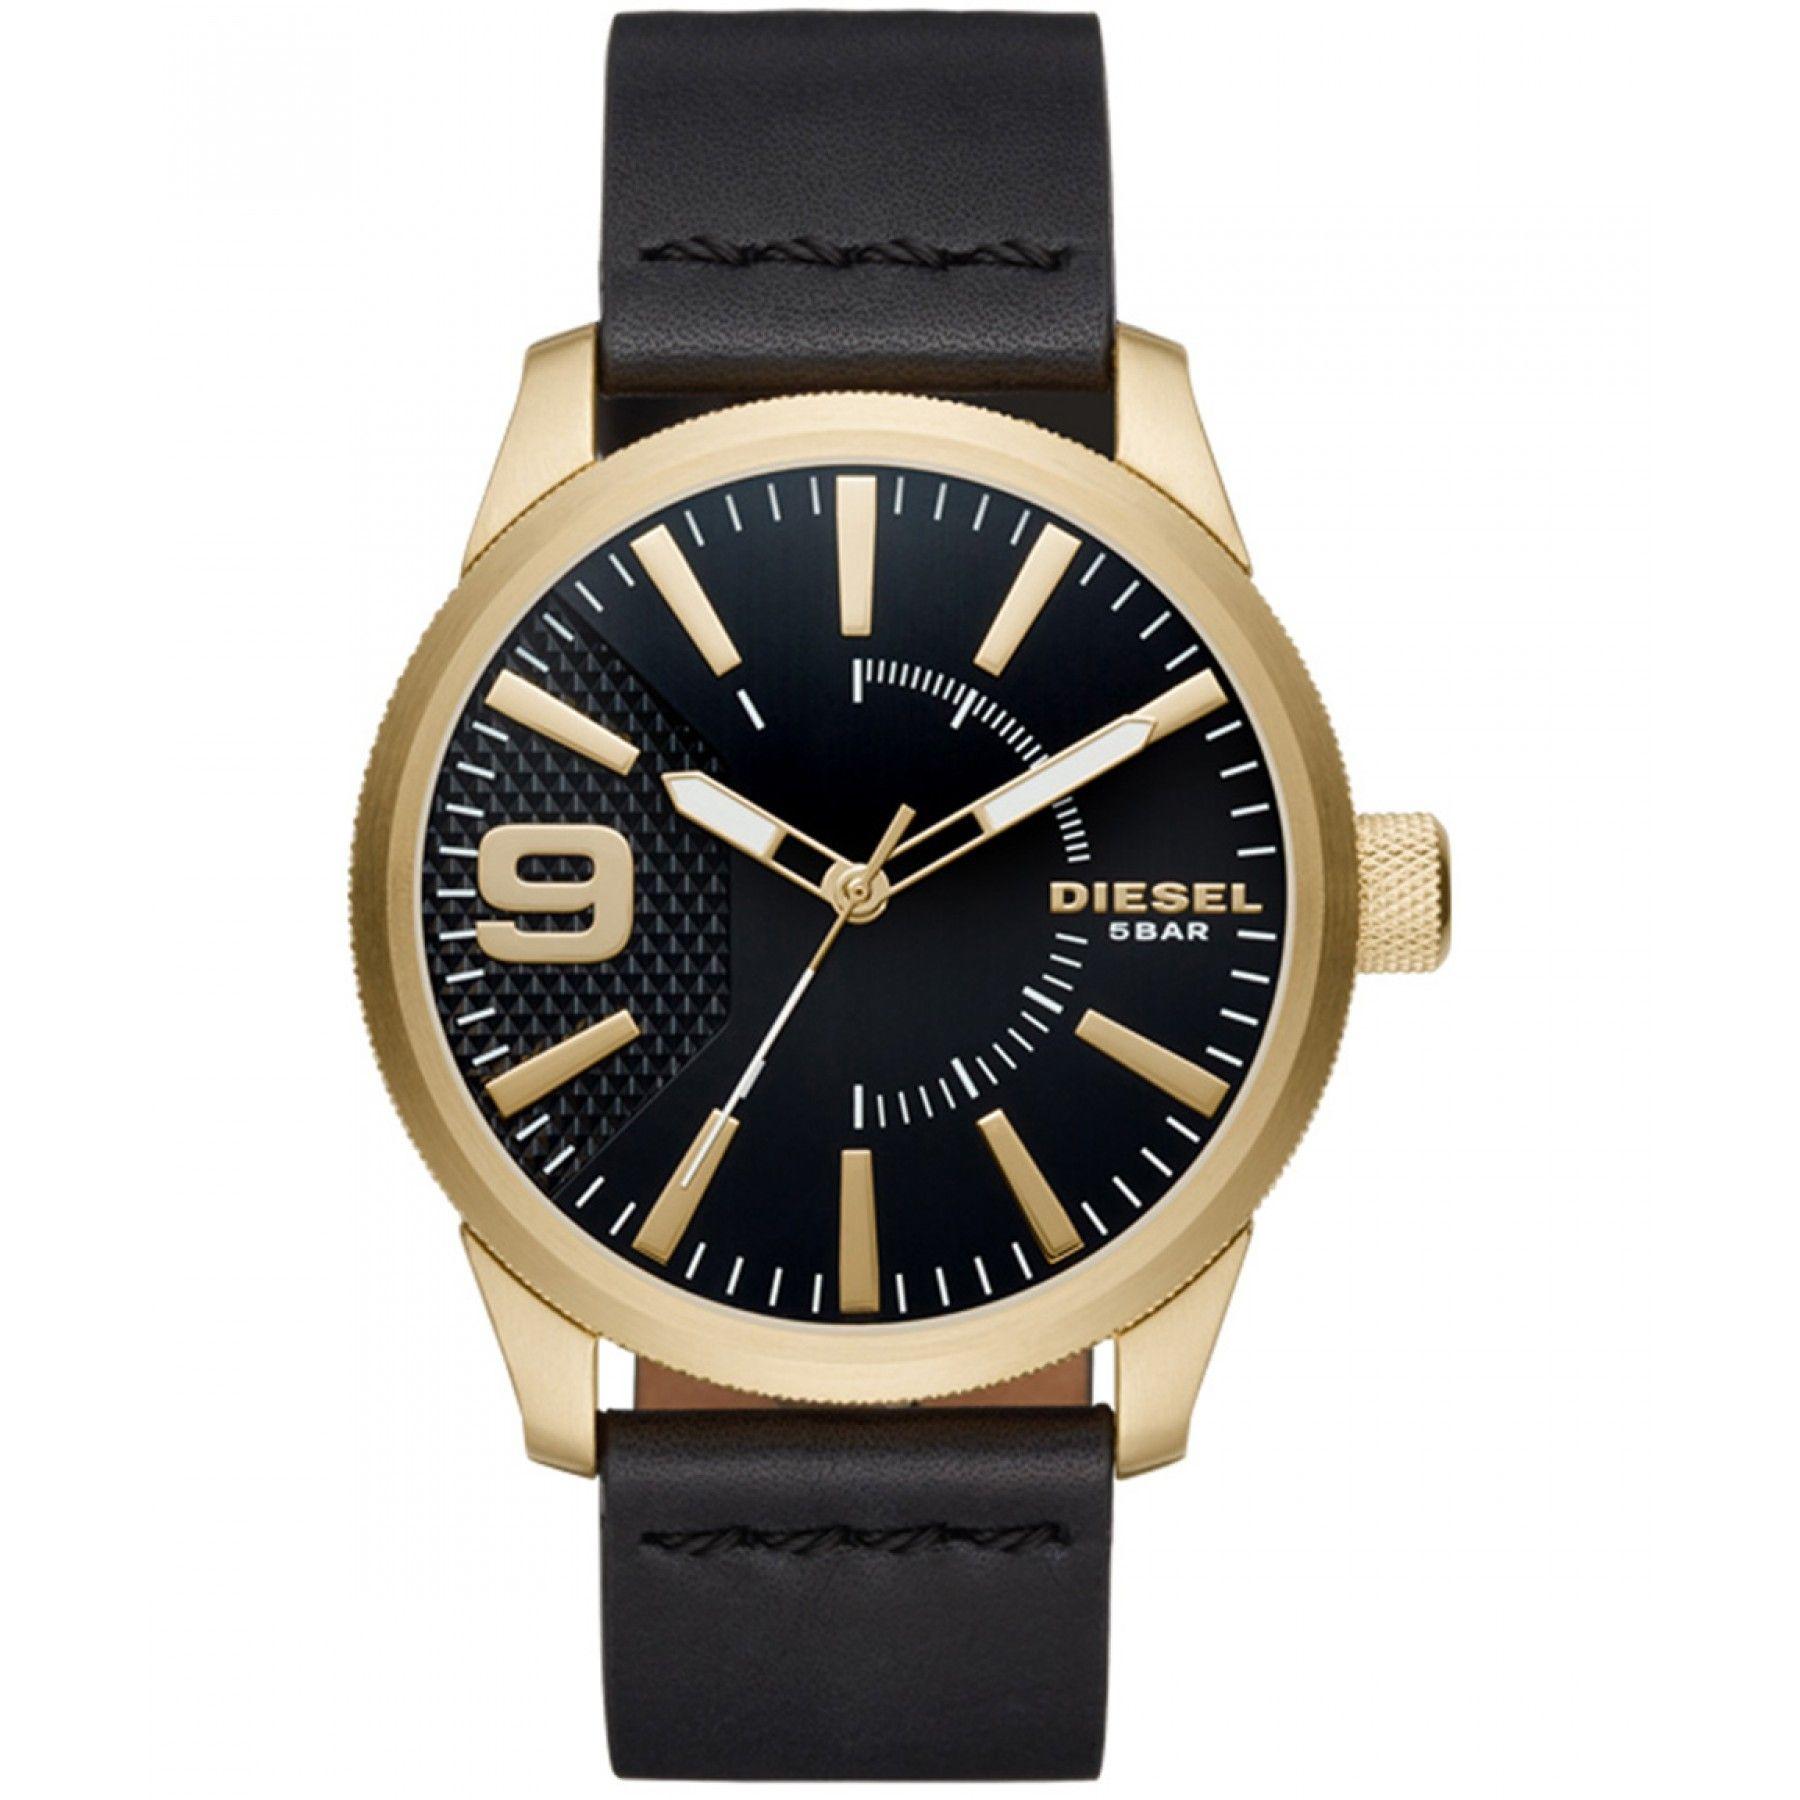 d4ba6726b58e Reloj Diesel con caja y bisel en acero color dorado extensible tipo correa  en piel negra